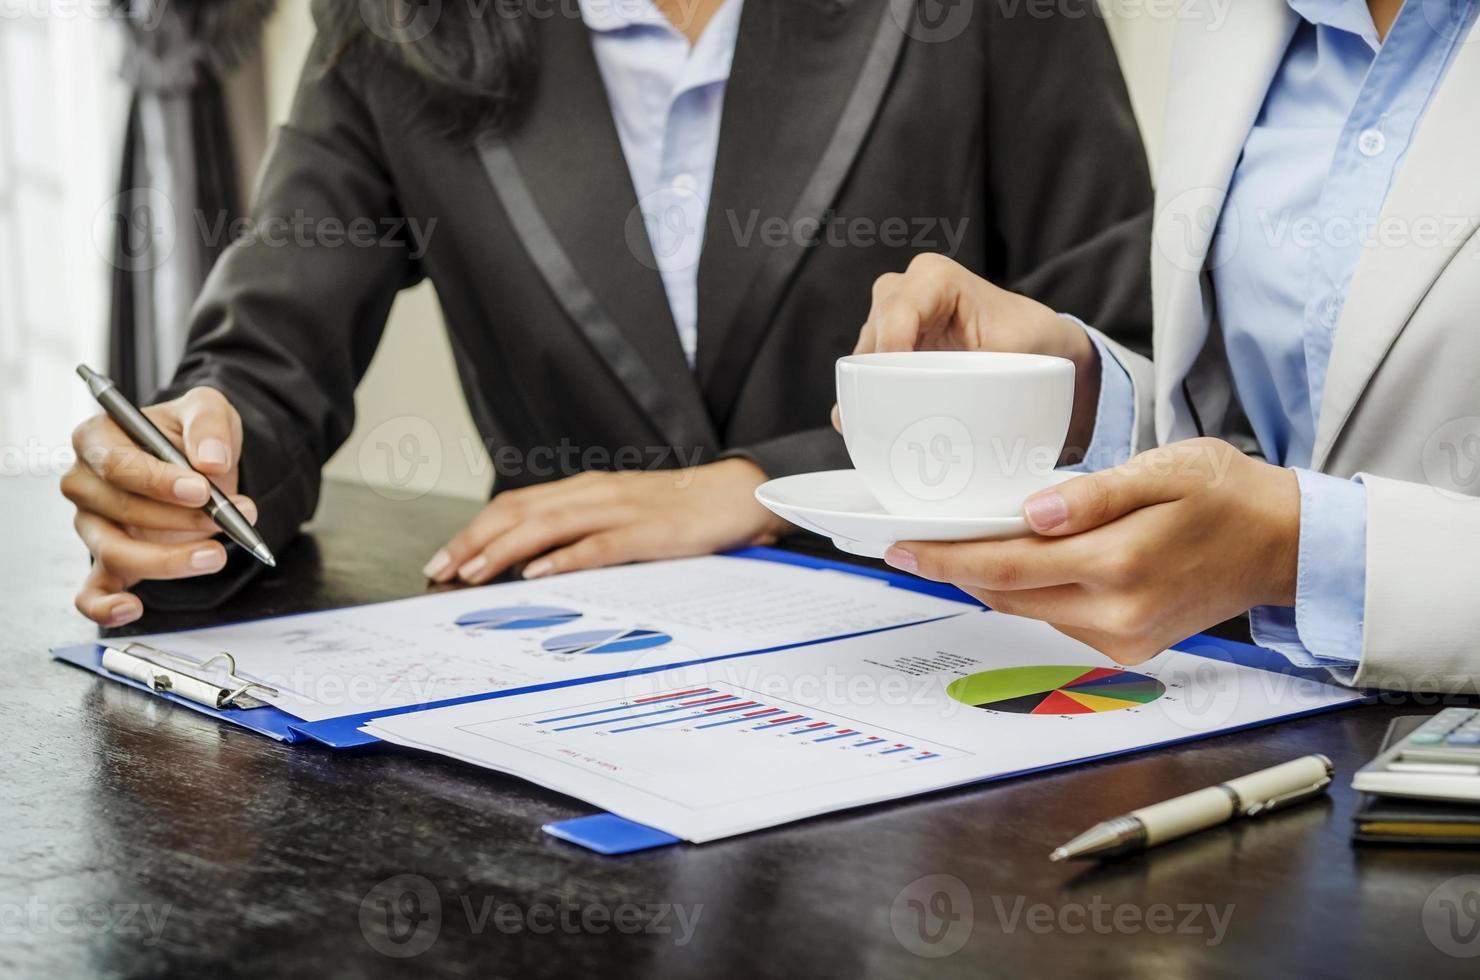 koffie en discussie foto